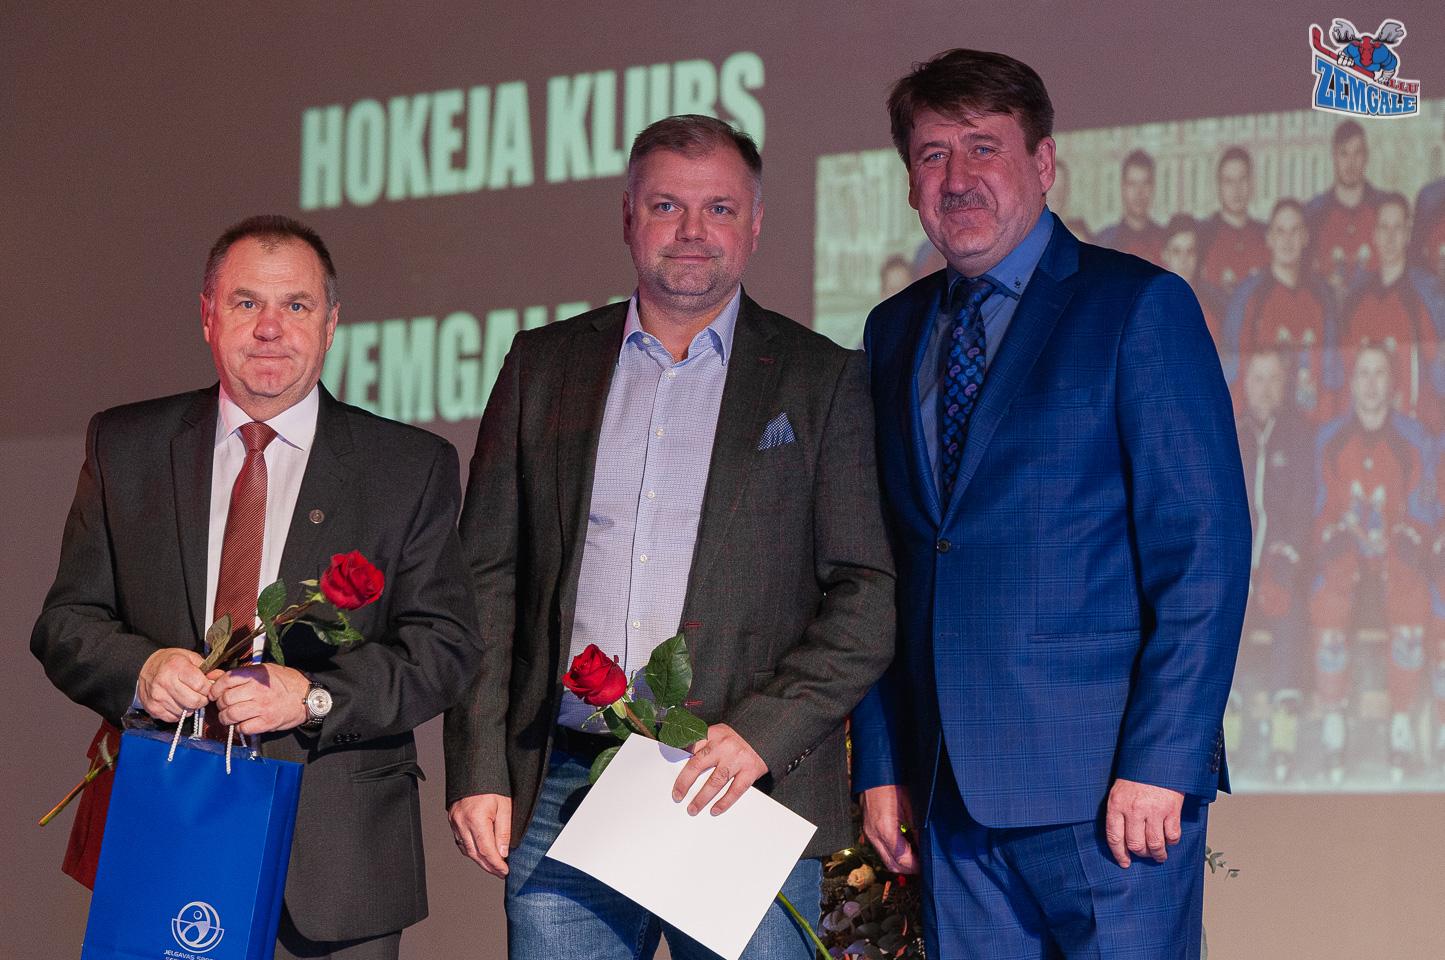 Trīs vīrieši stāv ar puķēm un maisiņu rokās